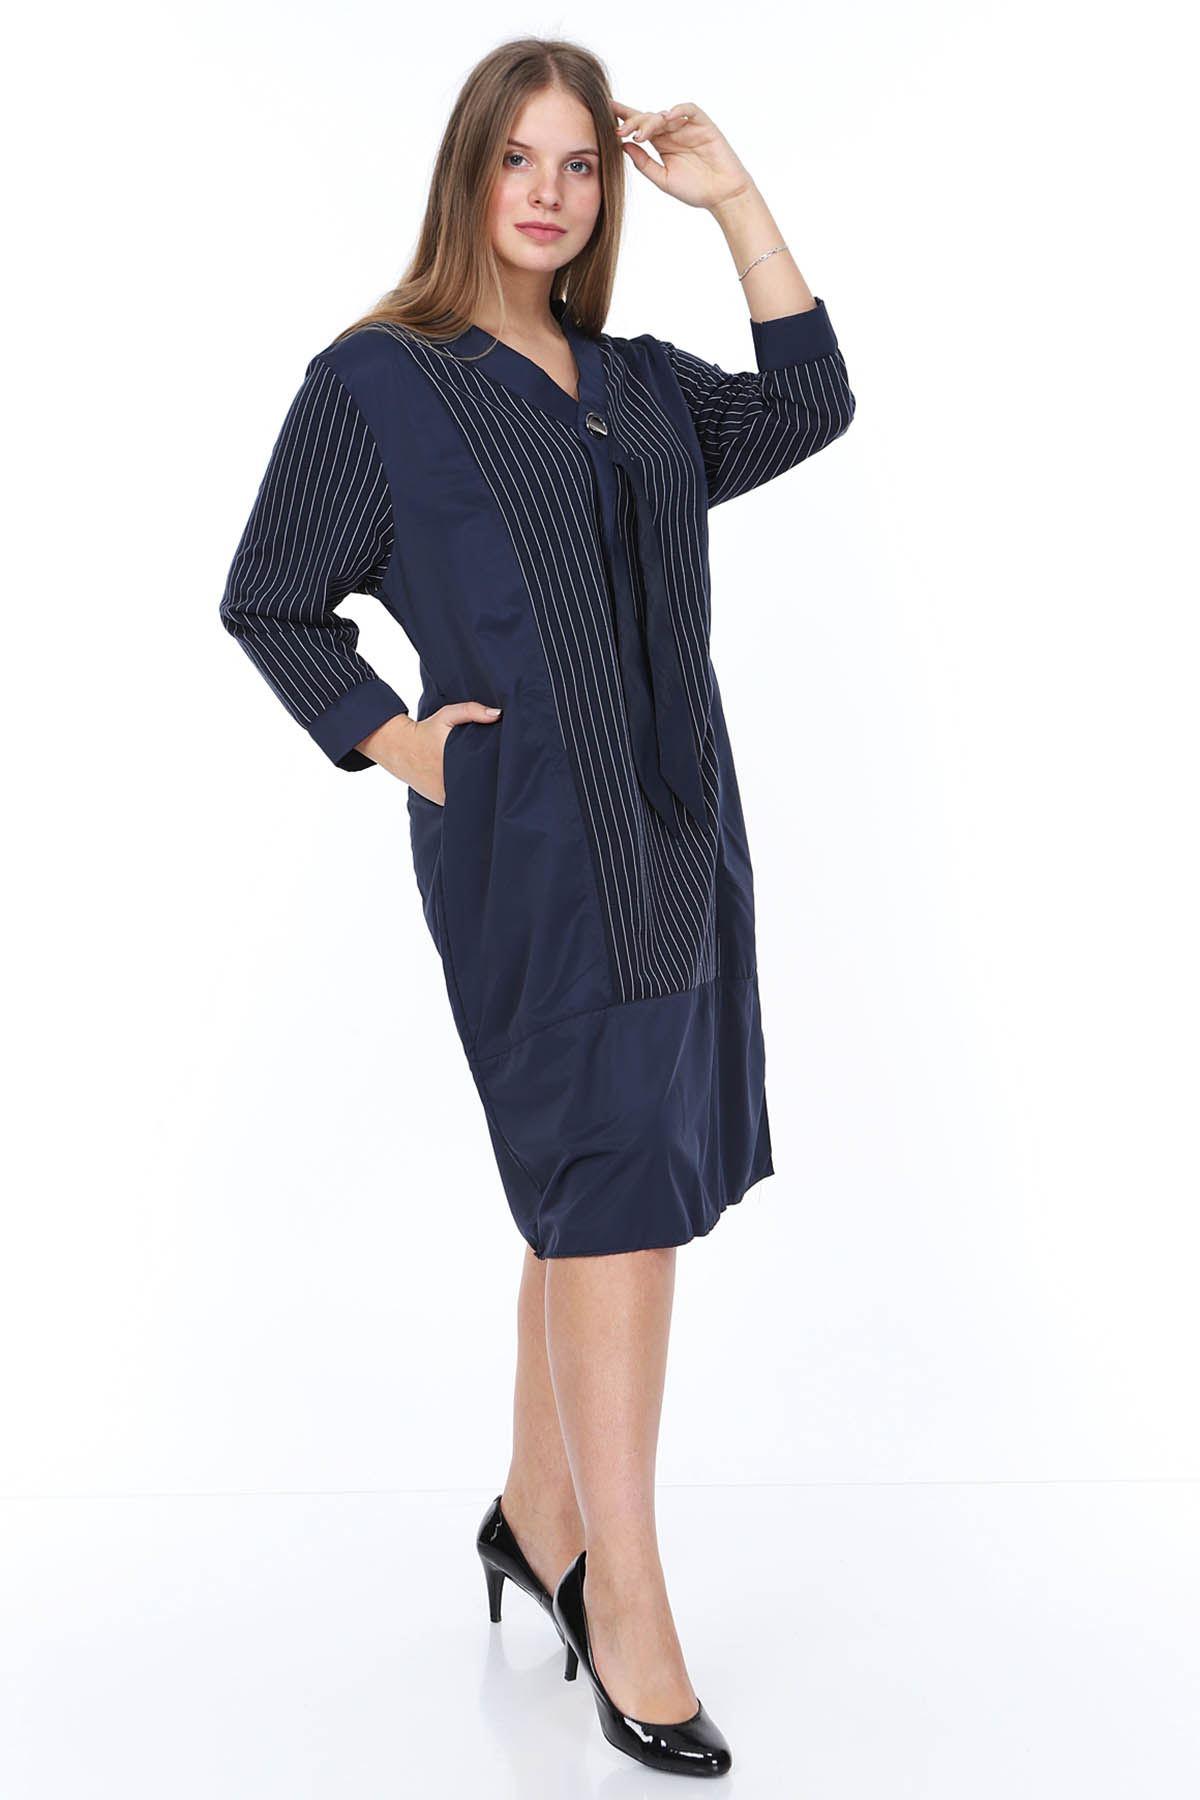 Lacivert Çizgili Büyük Beden Elbise 14C-0875